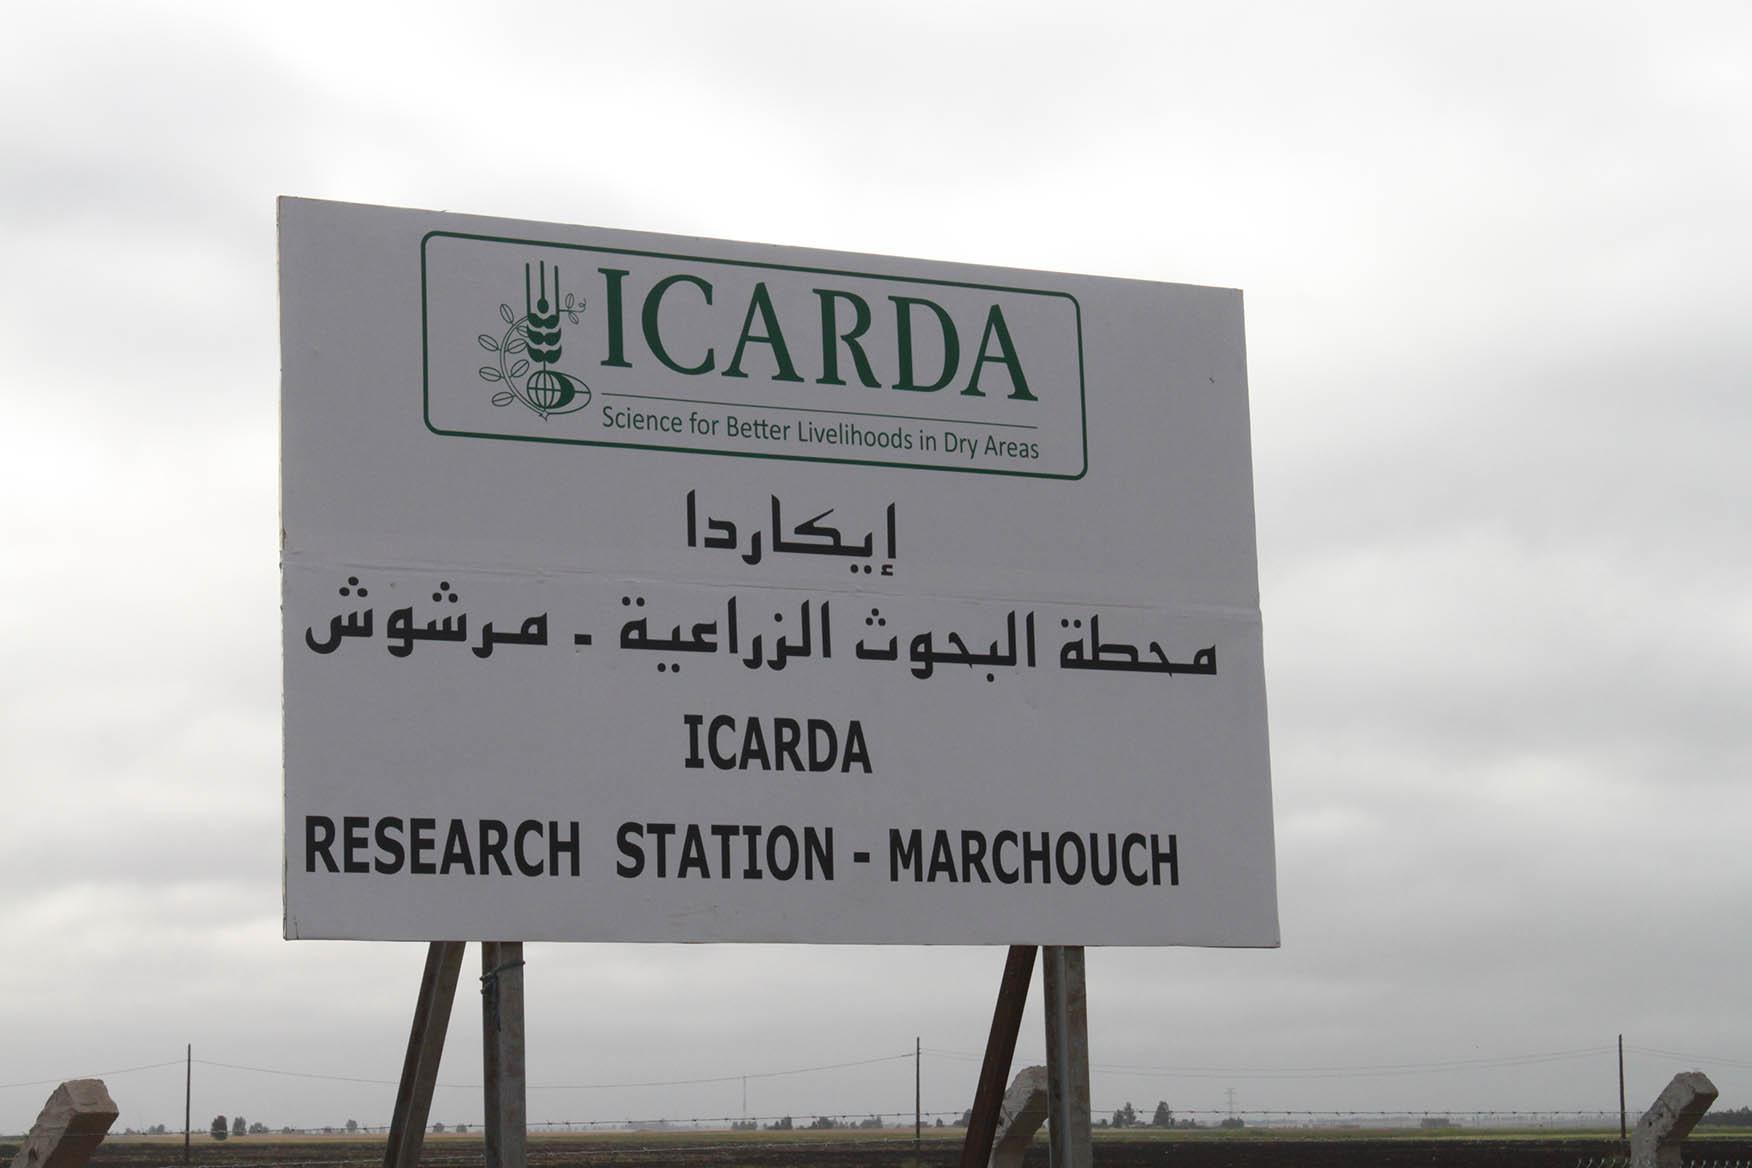 جولة بمرشوش للتعرف على أهم التجارب و الأصناف المستنبطة من طرف ICARDA